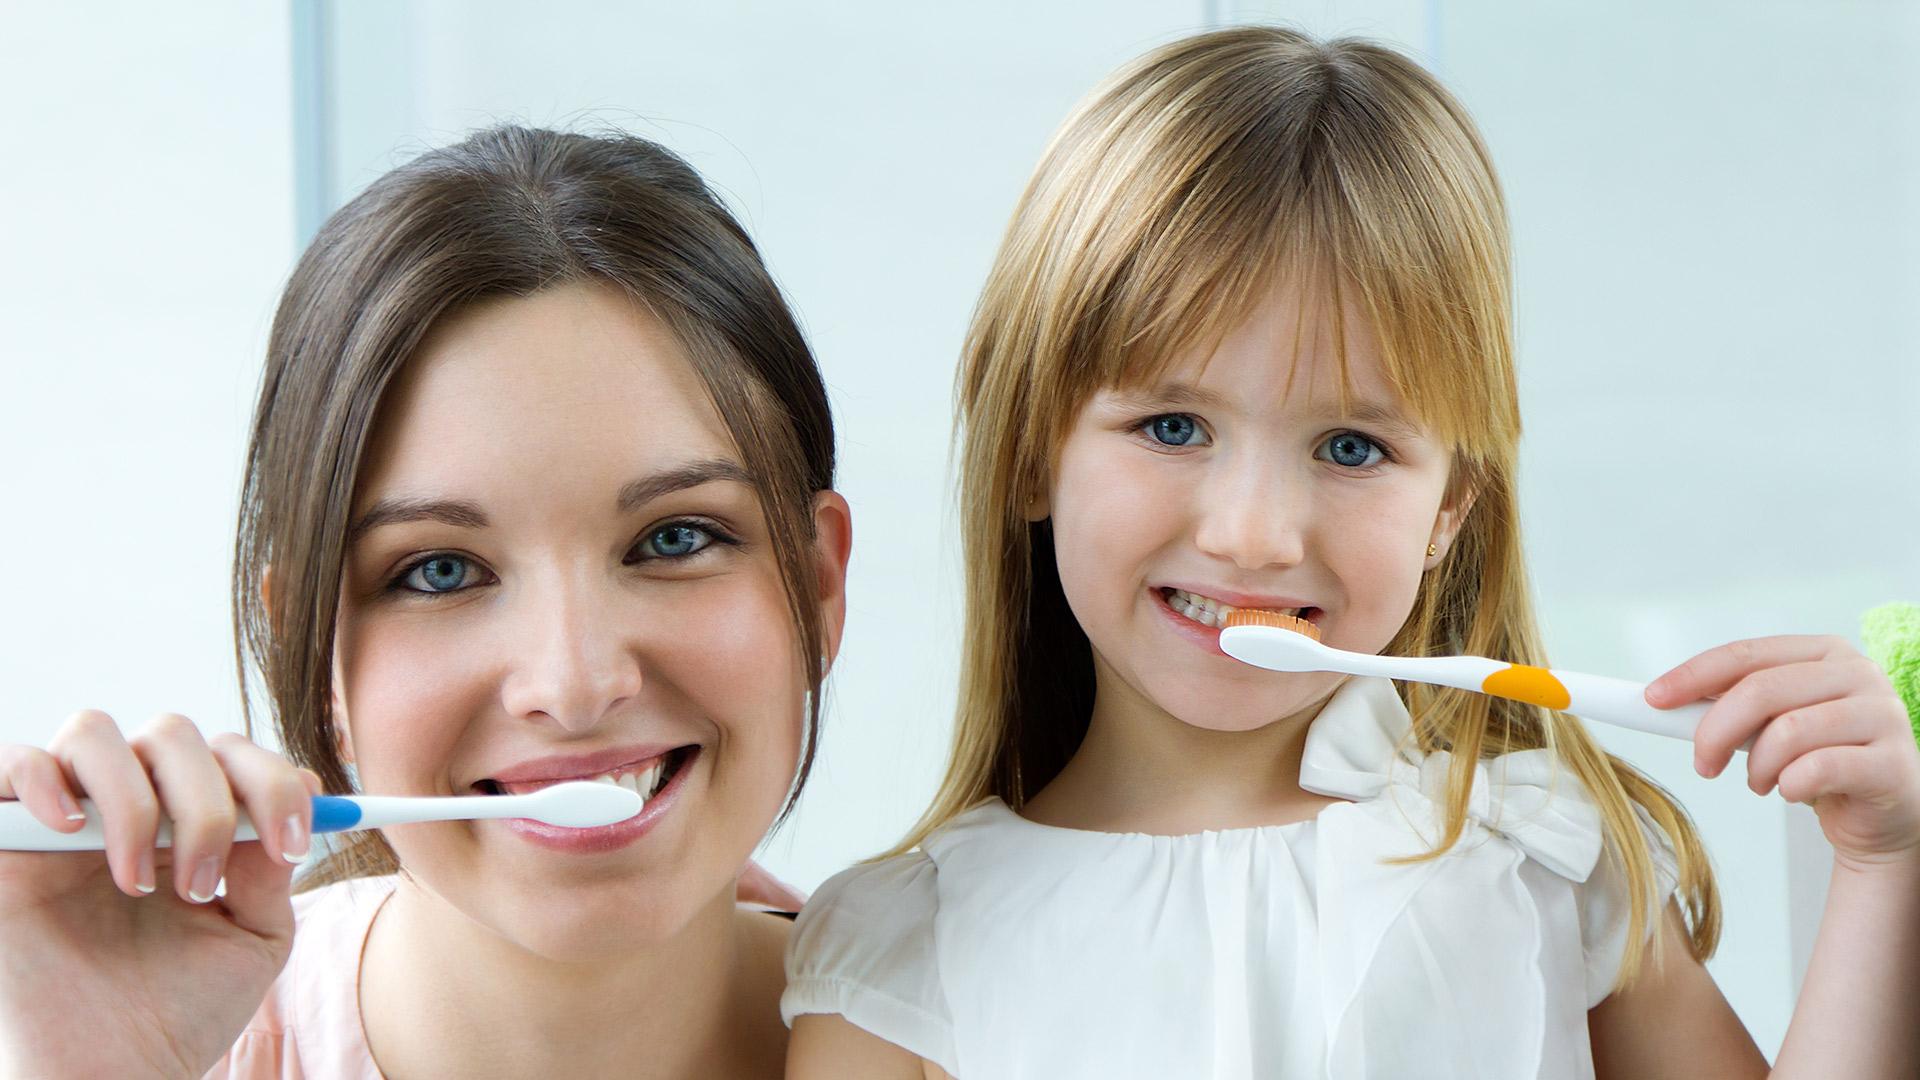 Bambini: quando si fa la prima visita dal dentista?